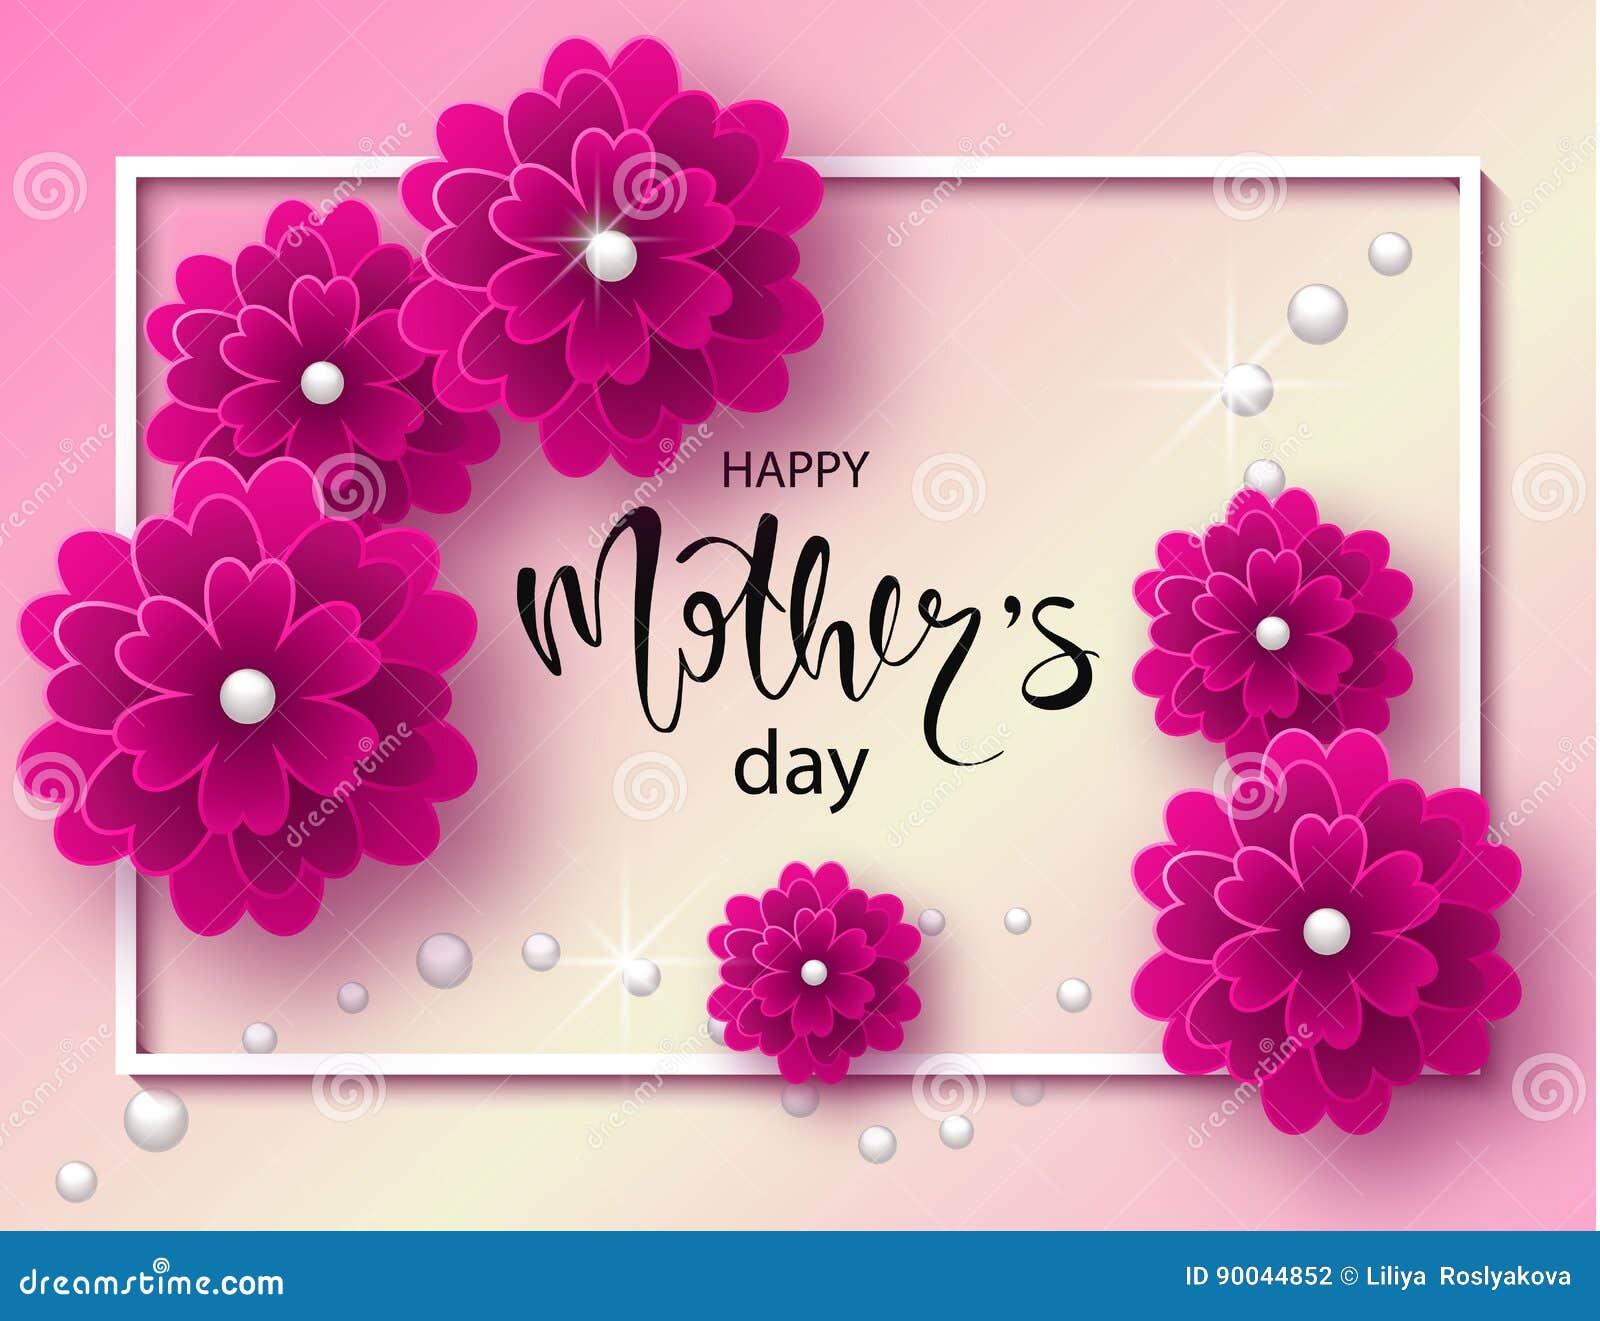 Fundo Feliz Do Dia De Maes Com Flores E Os Granulos Bonitos Cartao